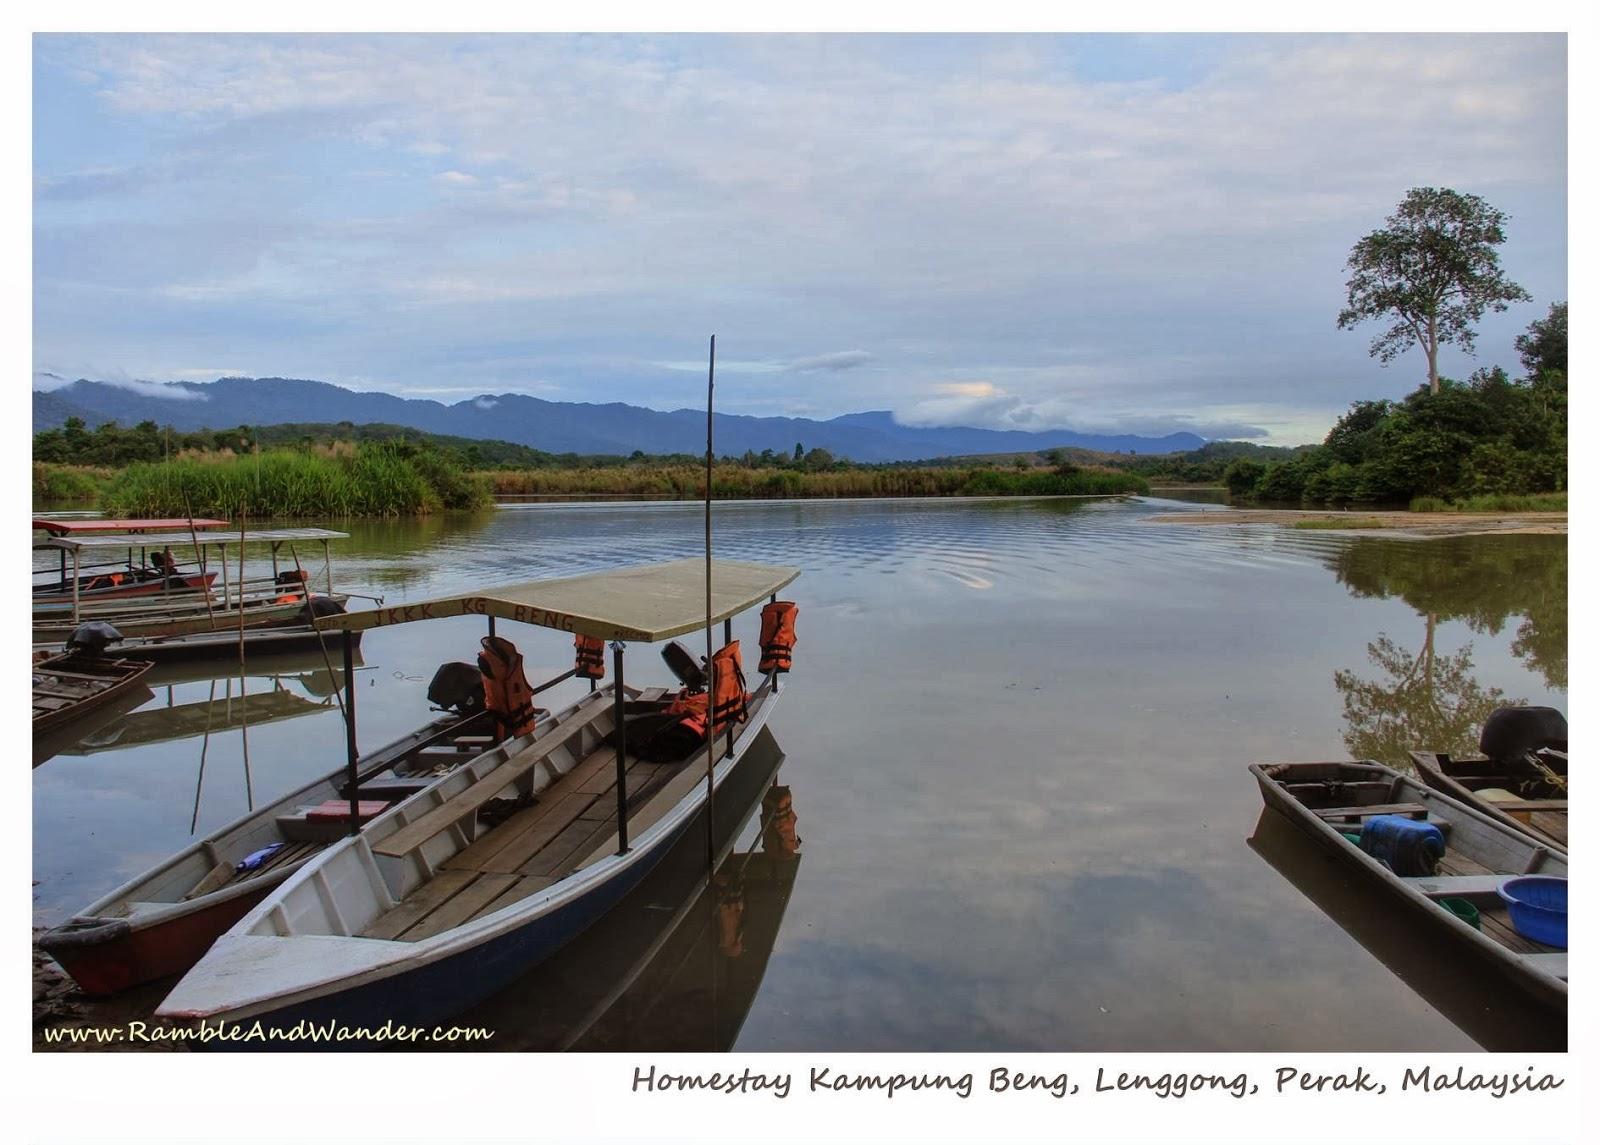 Lenggong Malaysia  city photos gallery : Malaysia: Homestay Kampung Beng, Lenggong, Perak Ramble and Wander